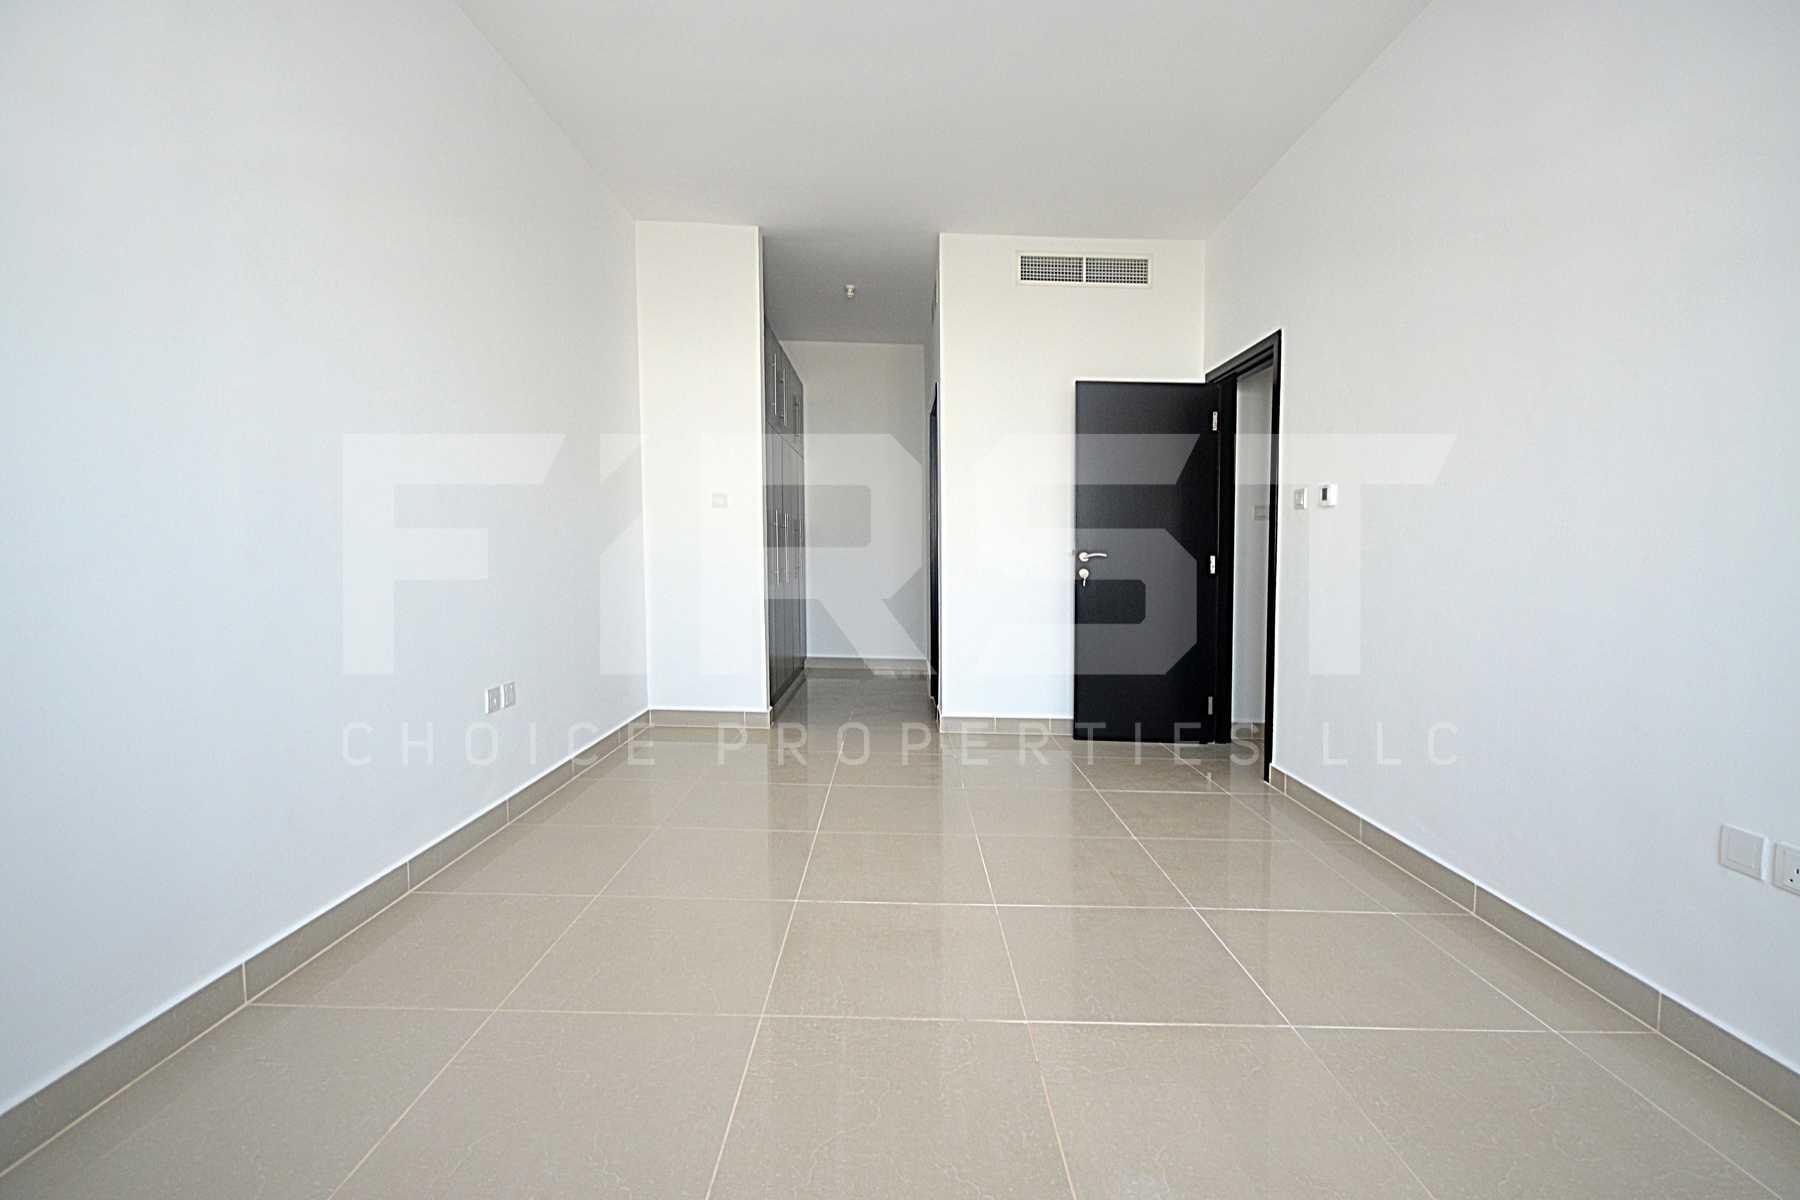 Internal Photo of 3 Bedroom Apartment Closed Kitchen in Al Reef Downtown Al Reef Abu Dhabi UAE (16).jpg